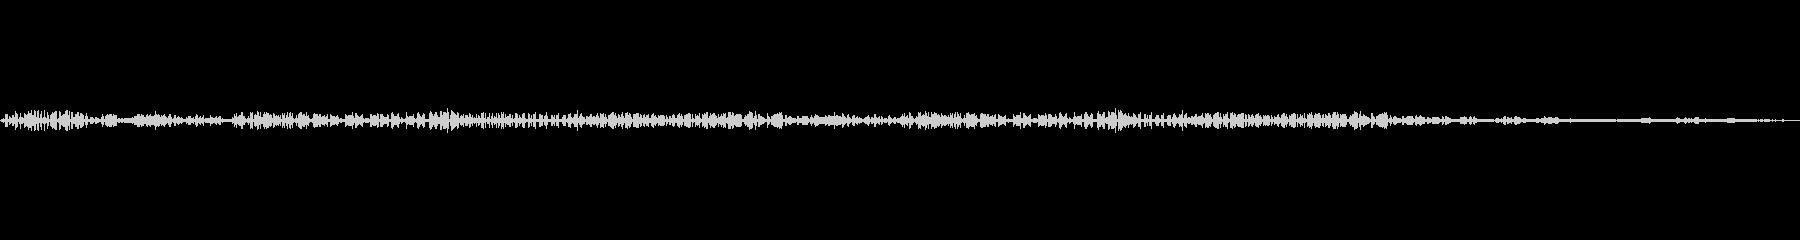 野鳥のコーラス~ヒバリメイン~早朝生録音の未再生の波形